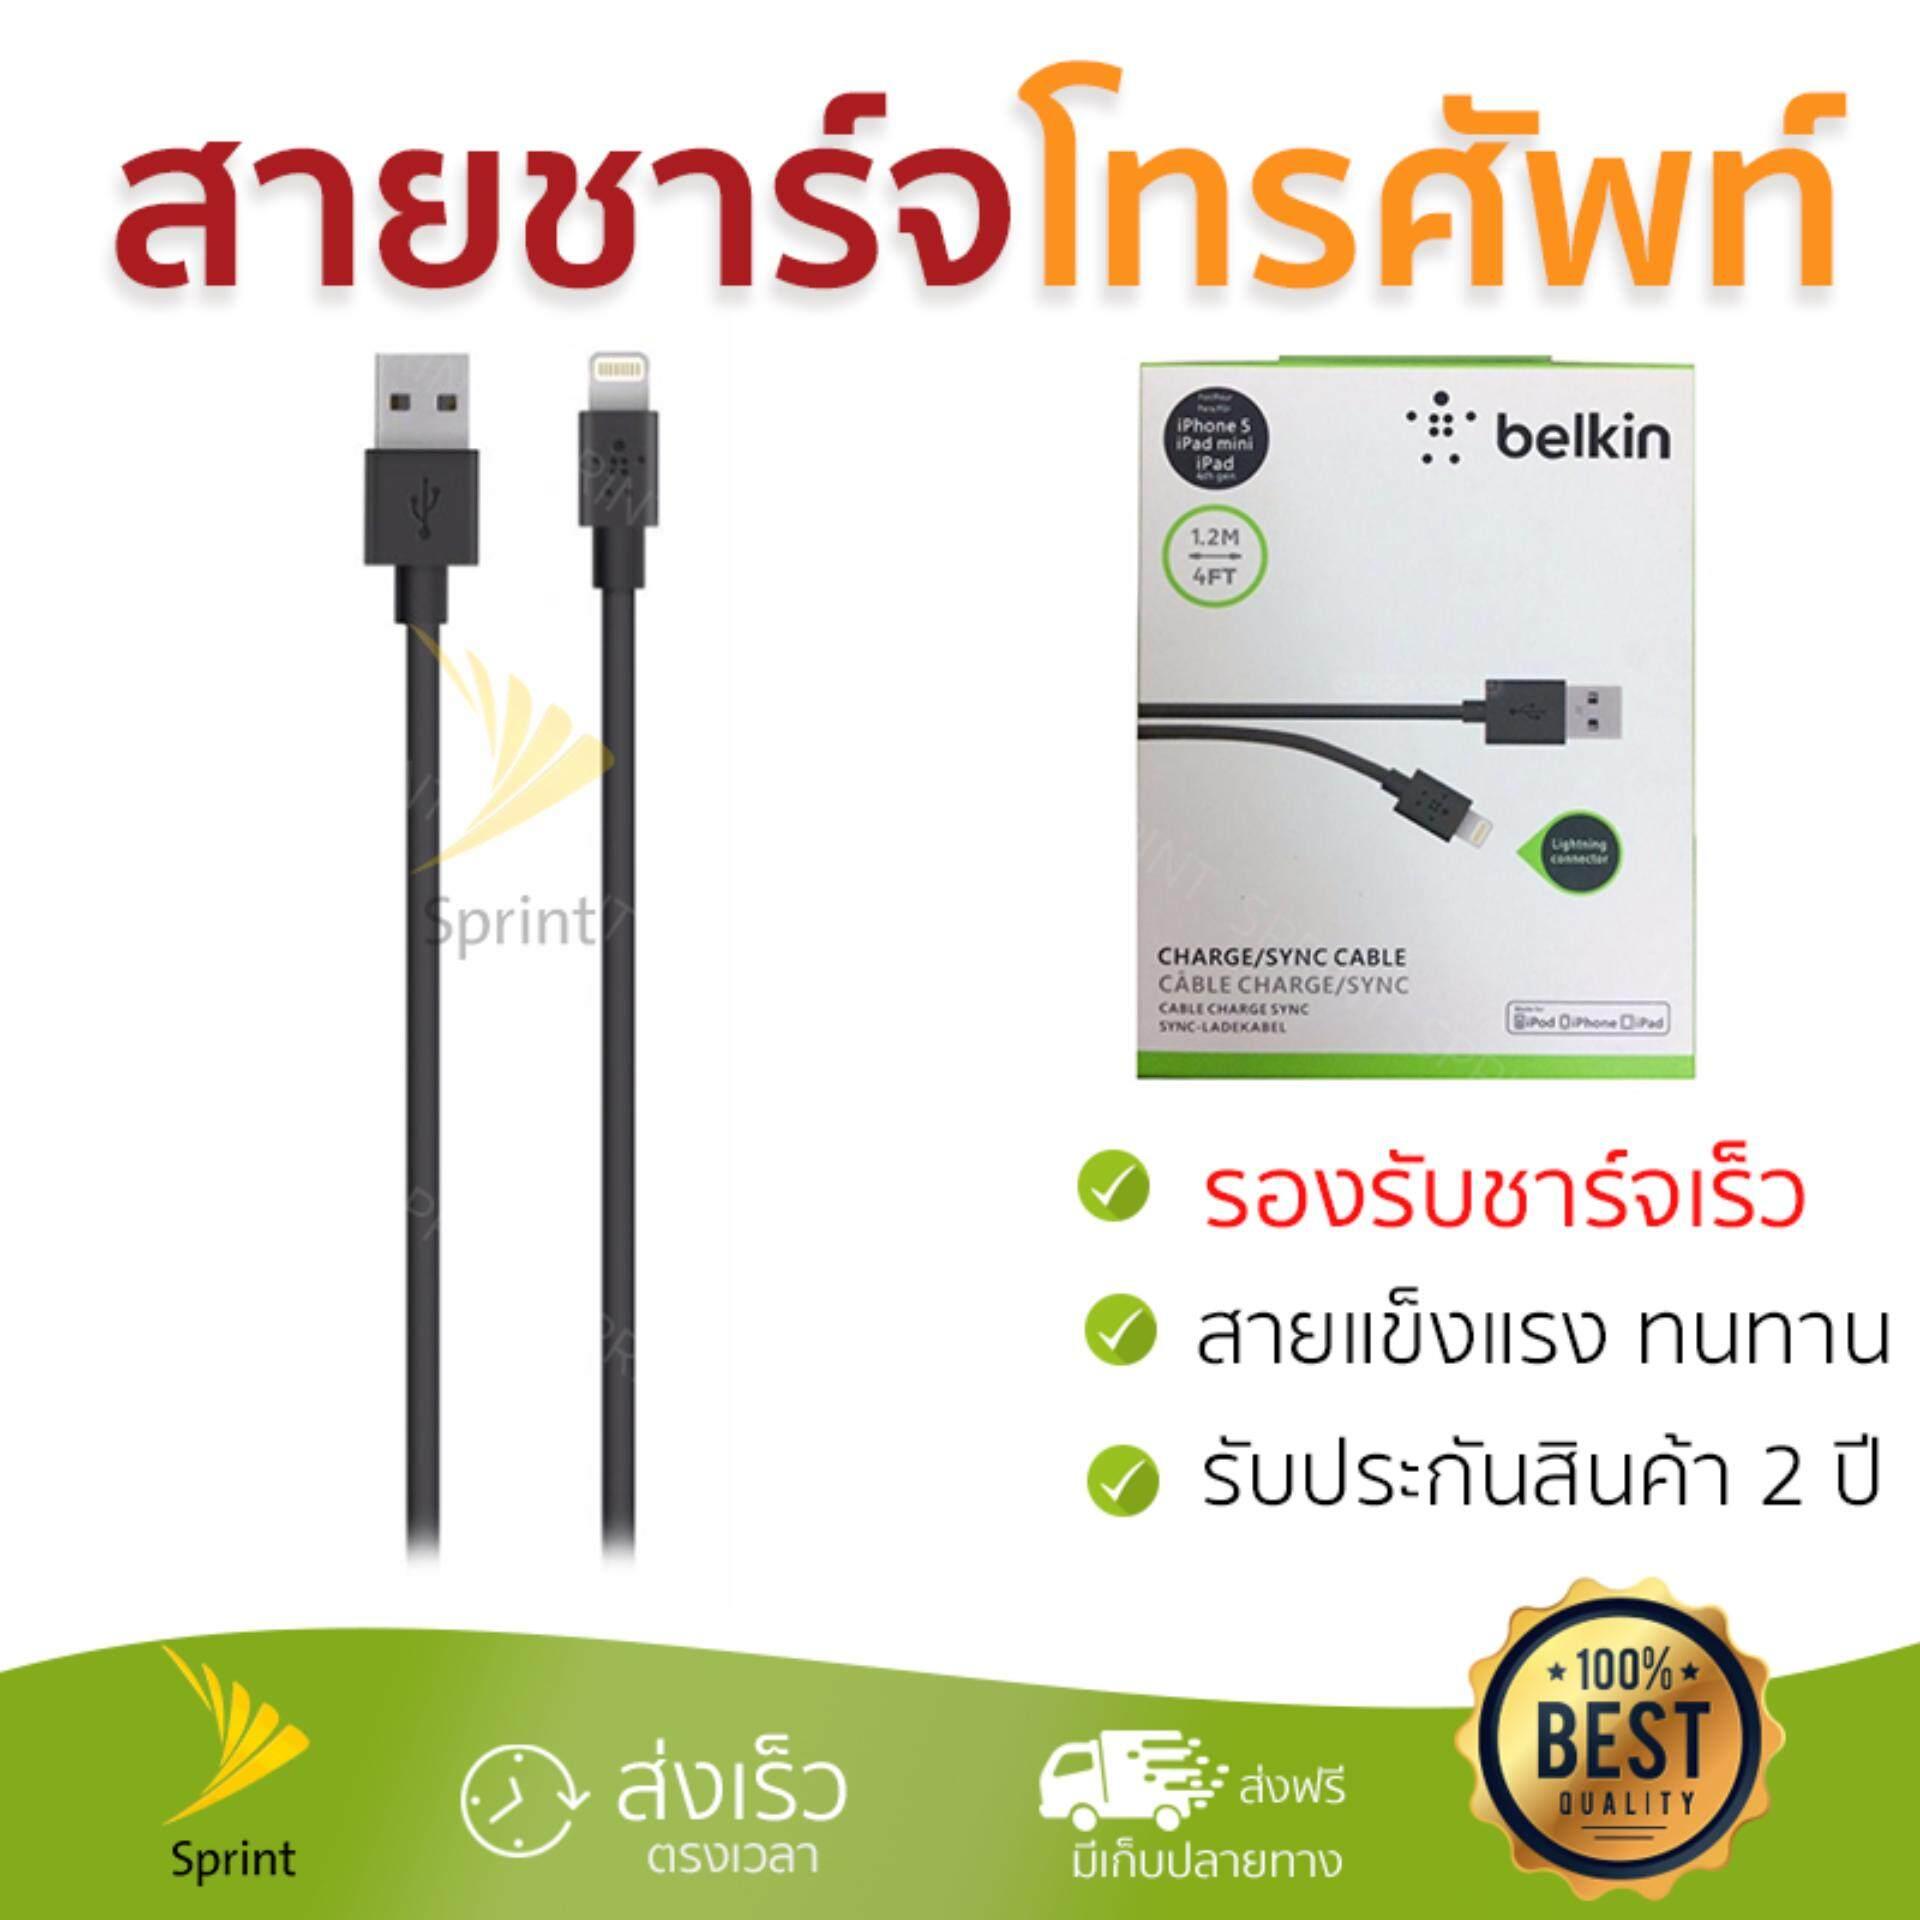 ลดสุดๆ ราคาพิเศษ รุ่นยอดนิยม สายชาร์จโทรศัพท์ Belkin MixIT Lightning Cable 1.2M. Black (F8J023bt04-BLK) สายชาร์จทนทาน แข็งแรง จ่ายไฟเร็ว Mobile Cable จัดส่งฟรี Kerry ทั่วประเทศ